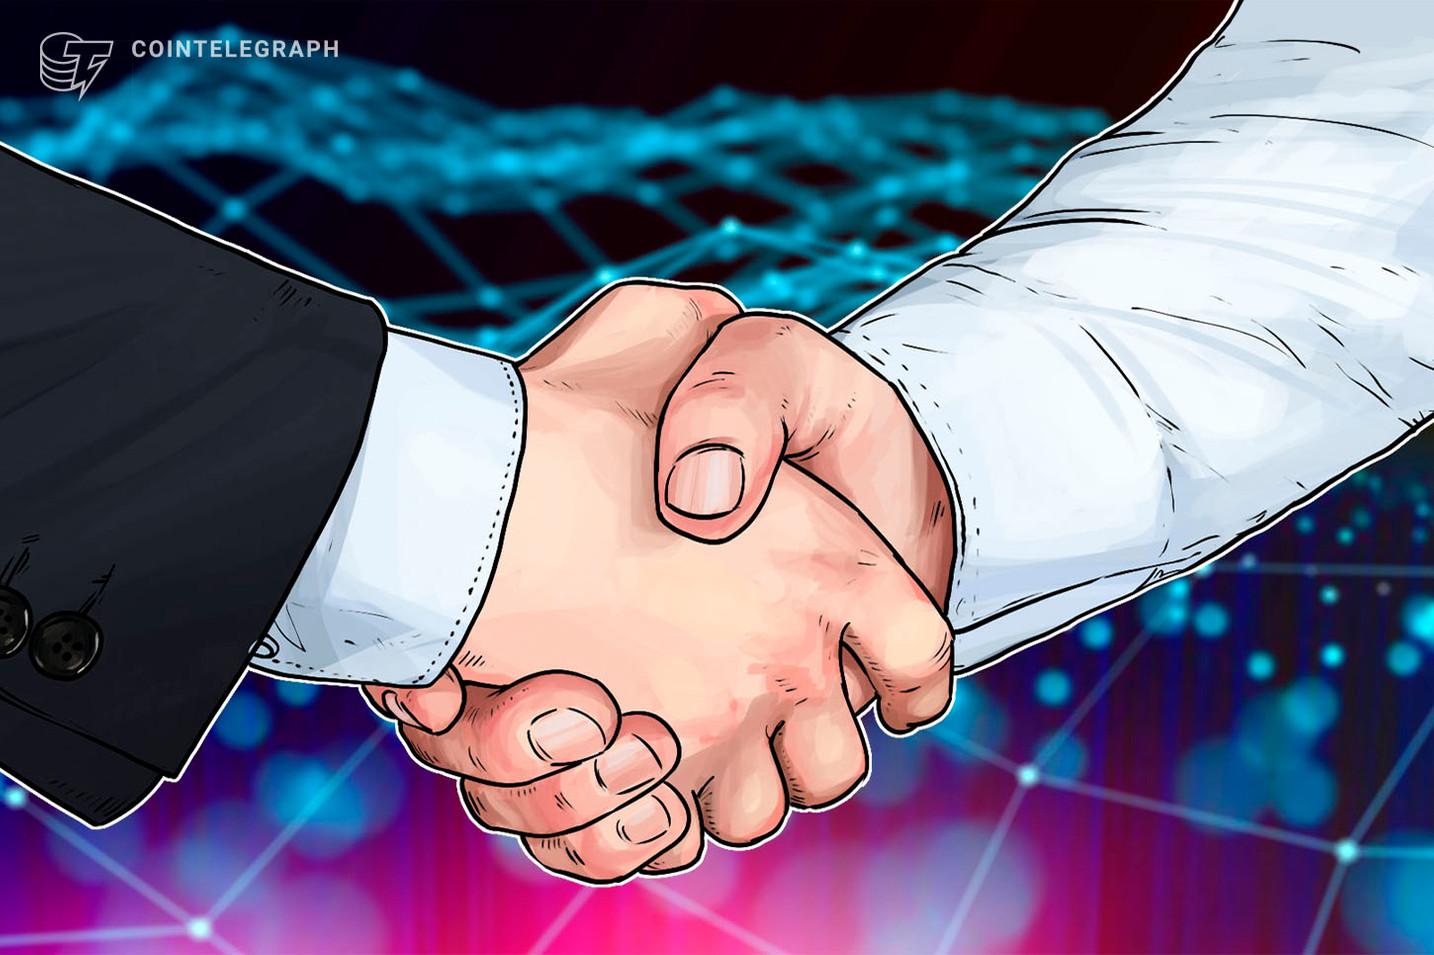 شراكةٌ جديدة تتيح للمستثمرين المؤسسيين لعب أسواق التداول المباشر للعملات المشفرة